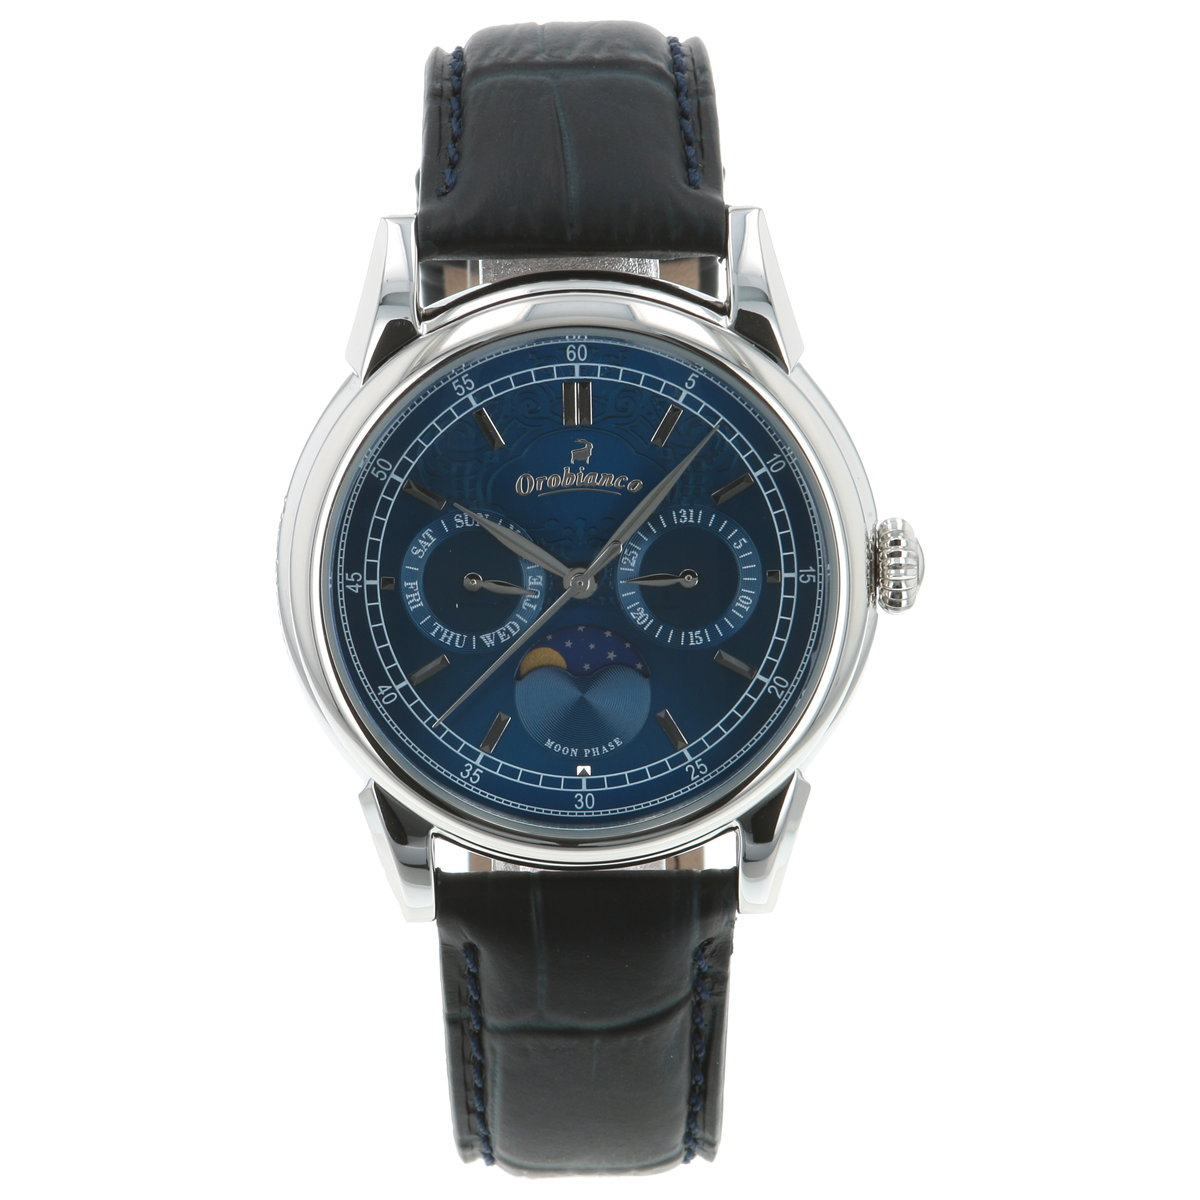 オロビアンコ 時計 メンズ Orobianco 腕時計 ビアンコネーロ BIANCONERO OR0074-5